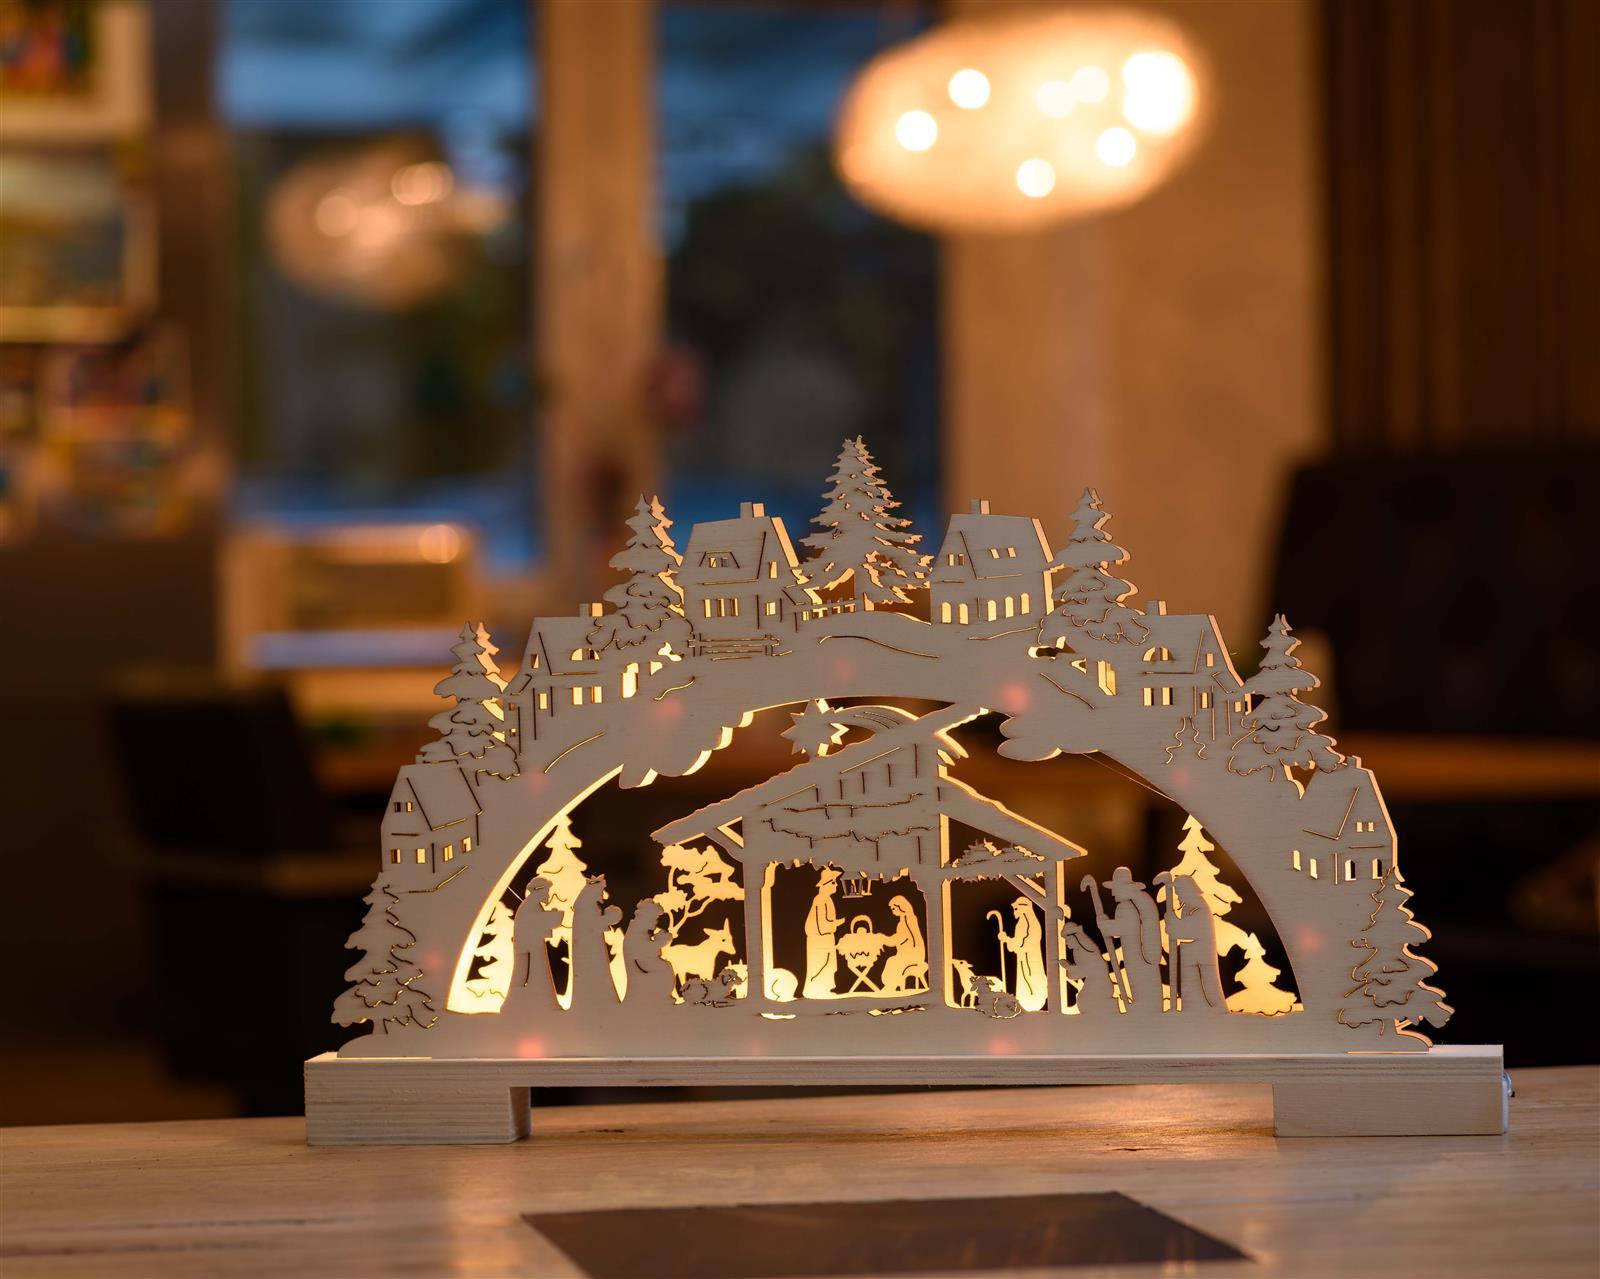 LED Lichterbogen Holz-Schwibbogen 10 Led warm-weiß Timer Krippe Weihnachts-Deko